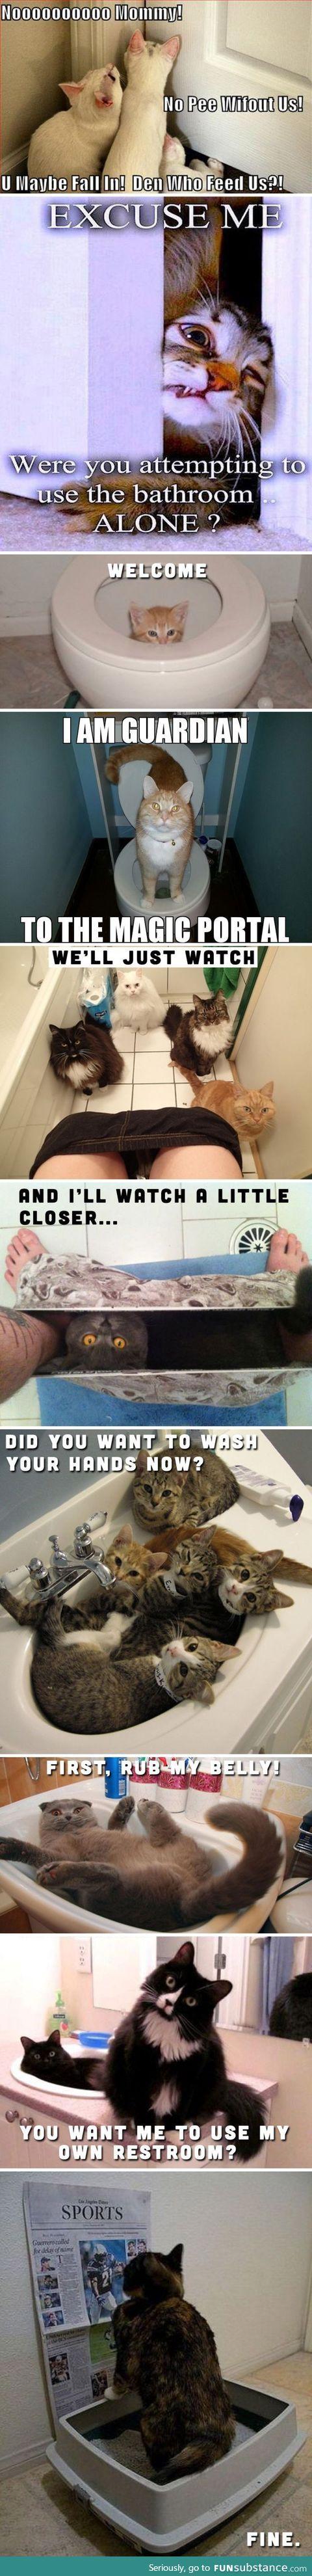 CATS & BATHROOMS